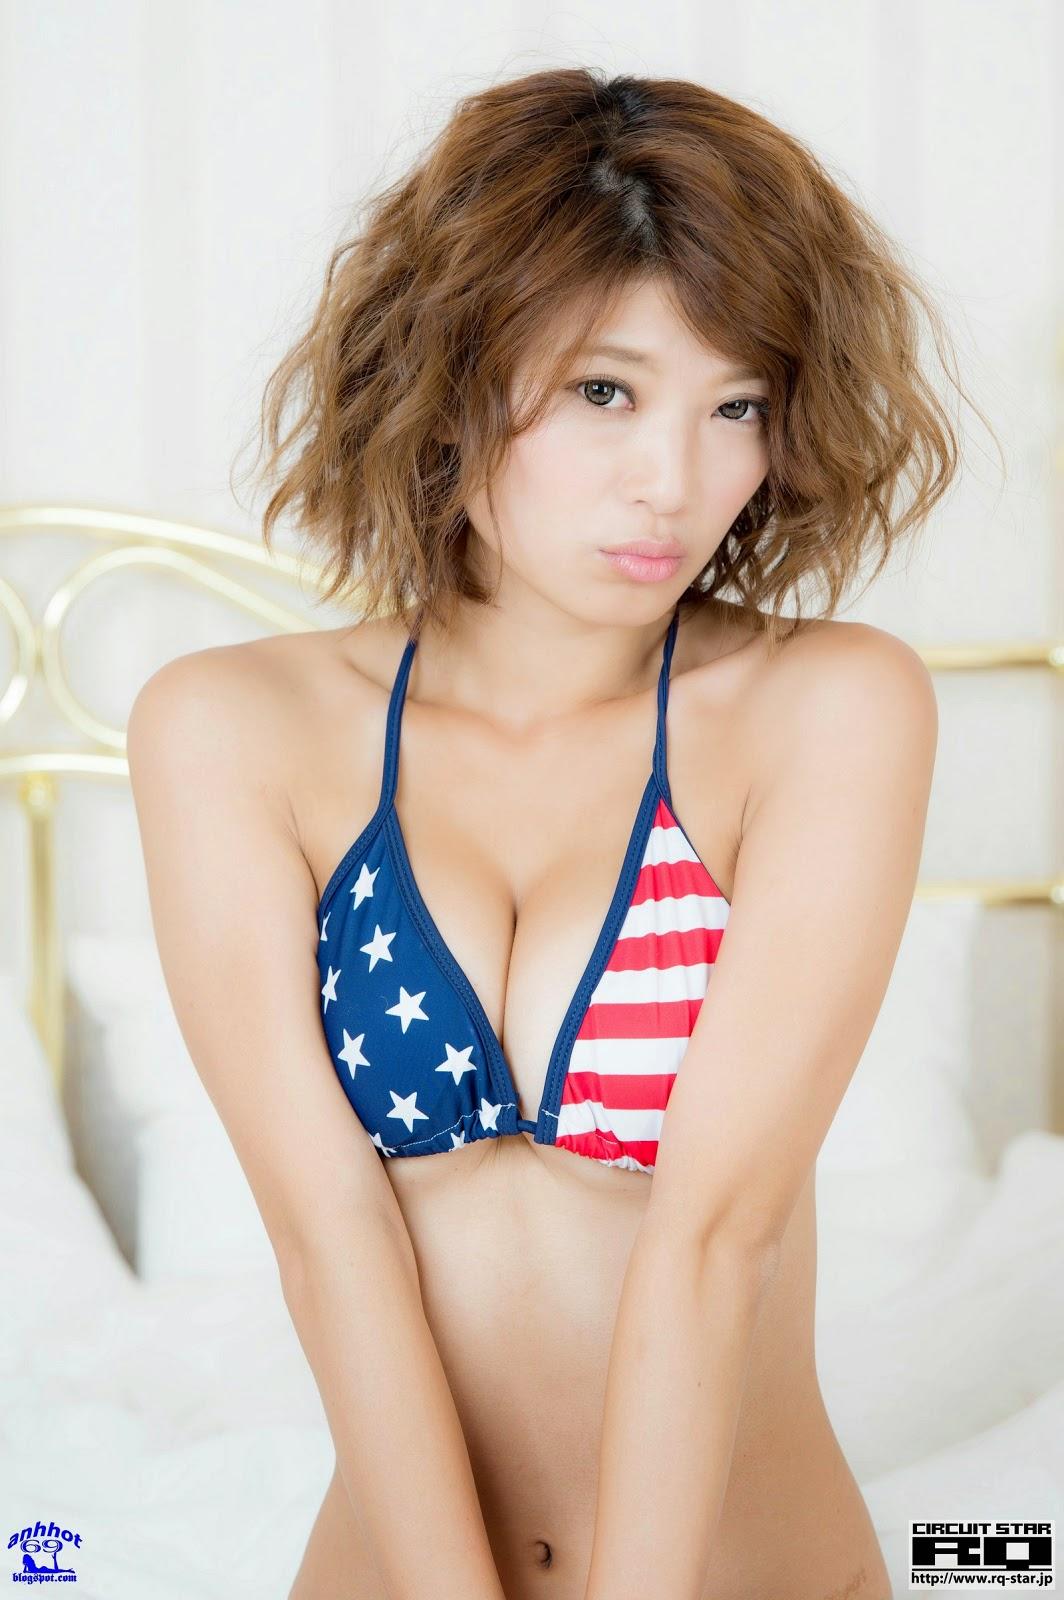 yoshika-tsujii_RQ-Star-No.965_129